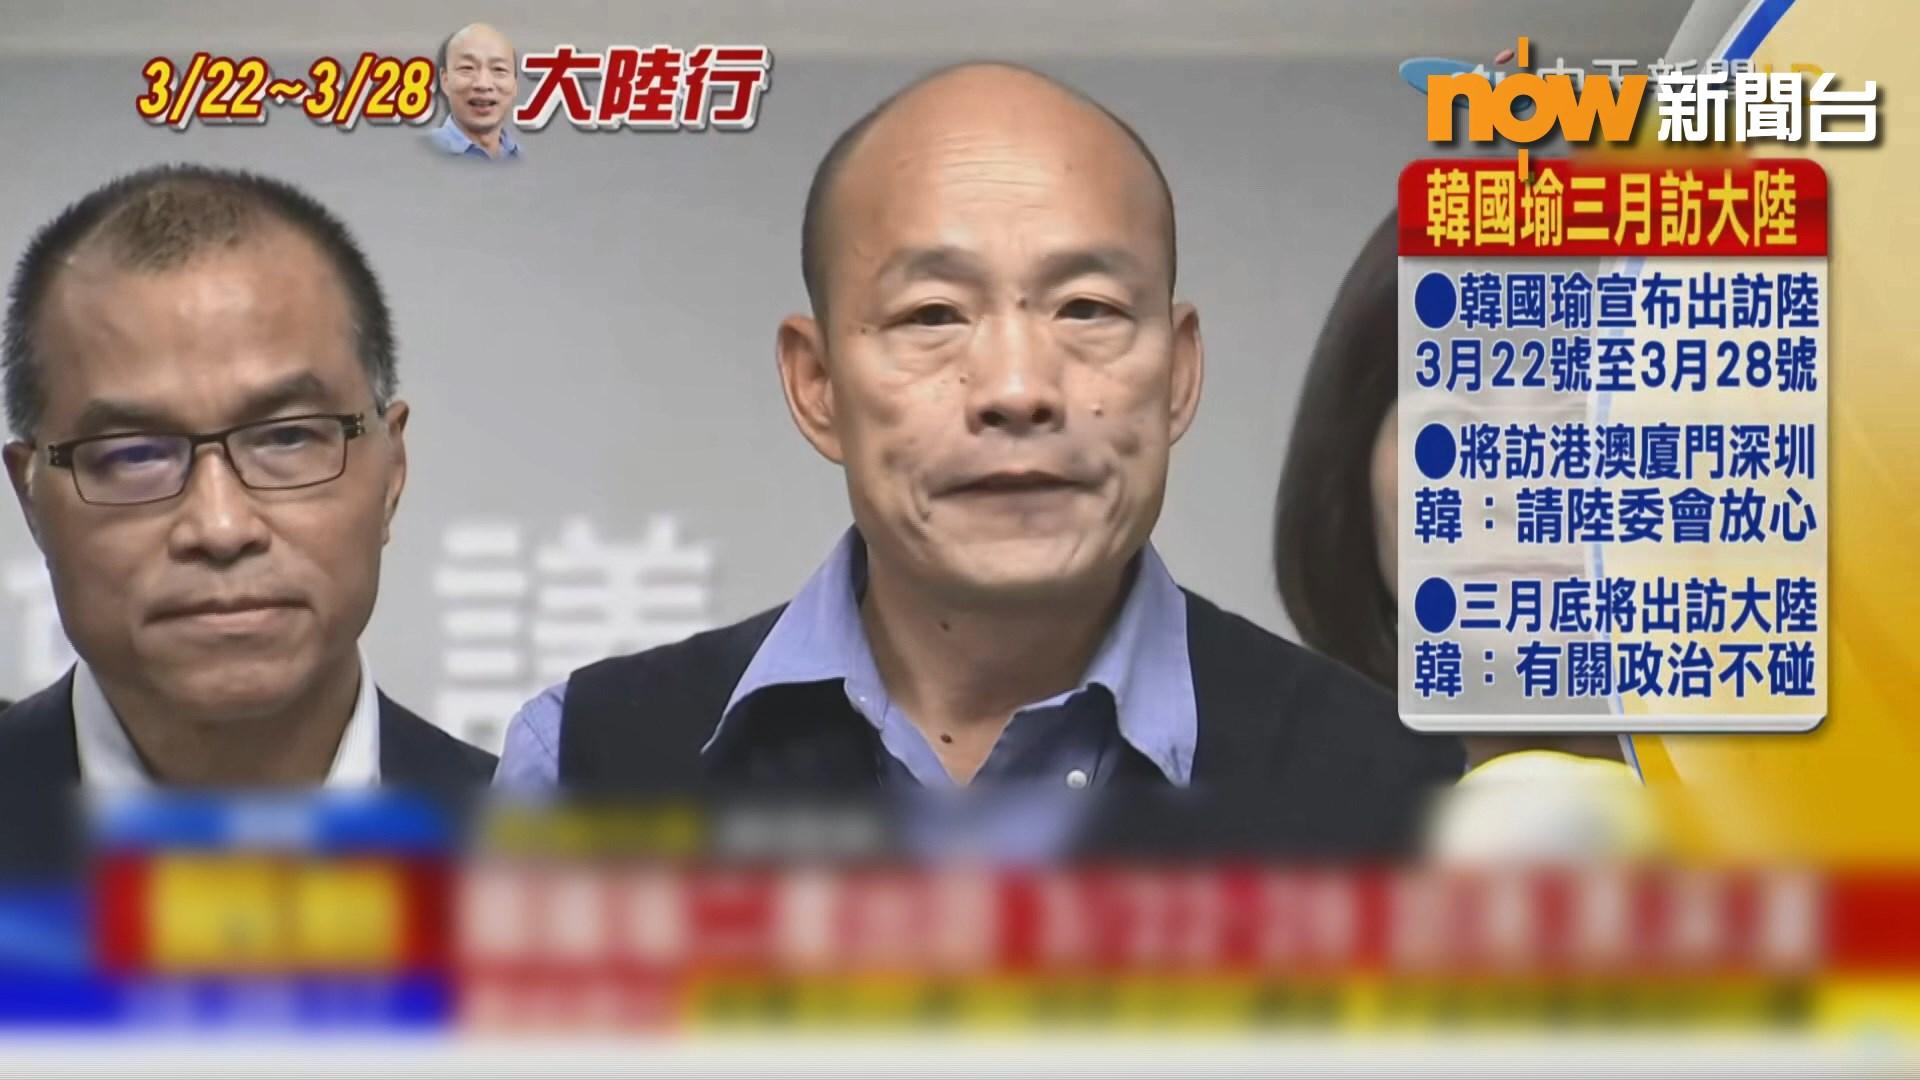 高雄市長韓國瑜月底訪問大陸尋找商機